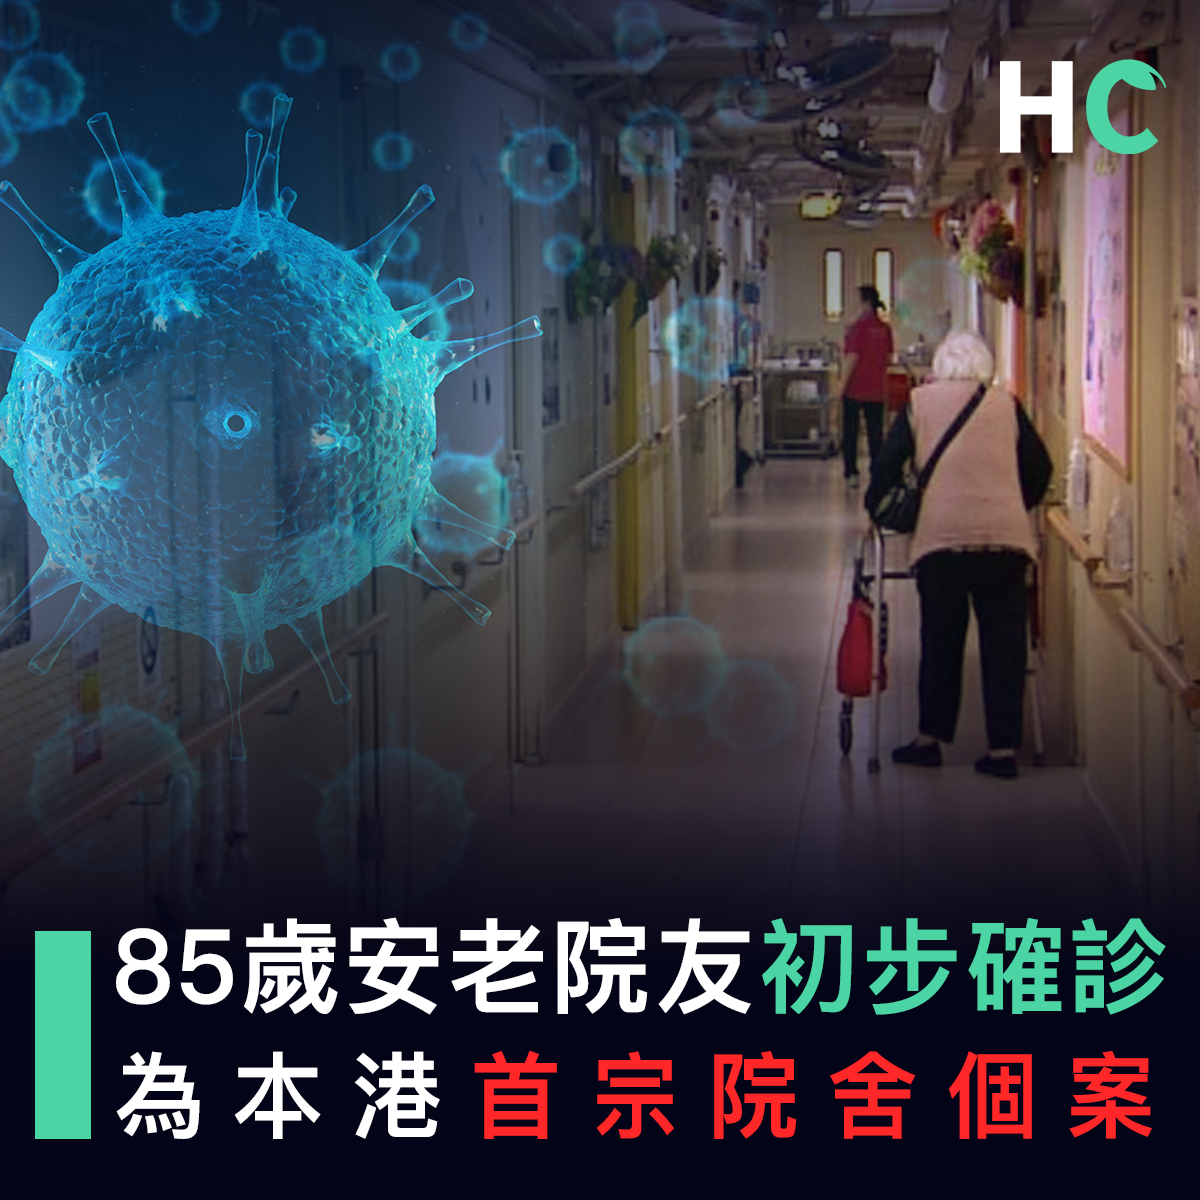 【#新型肺炎】85歲安老院友初步確診 為本港首宗院舍個案